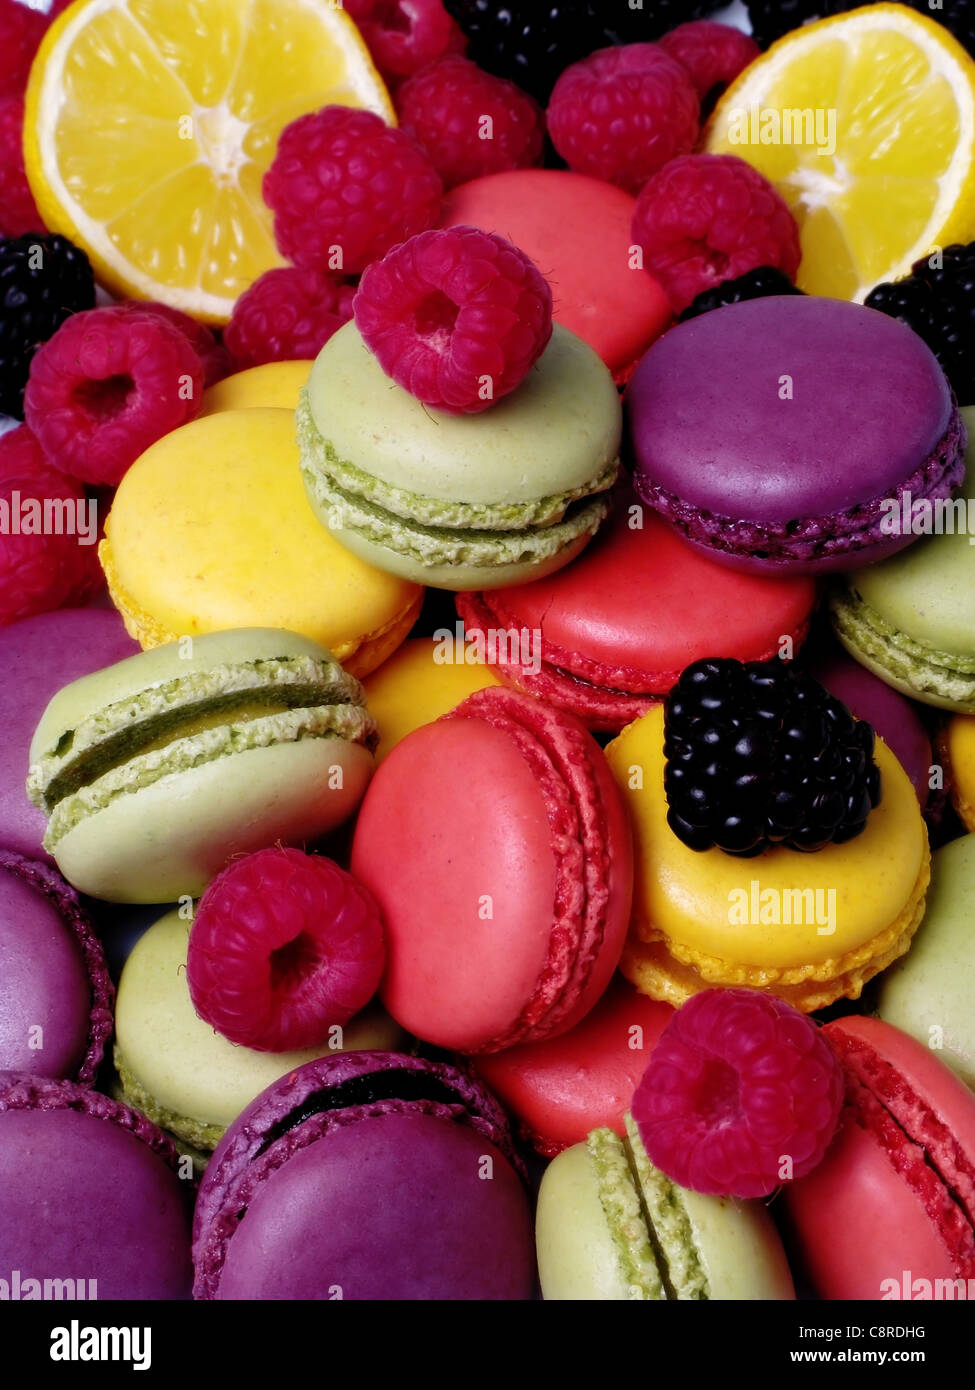 Limón, melocotón, fresa, grosella, pistacho, albaricoque y macarrones con rodajas de limón, frambuesas Imagen De Stock